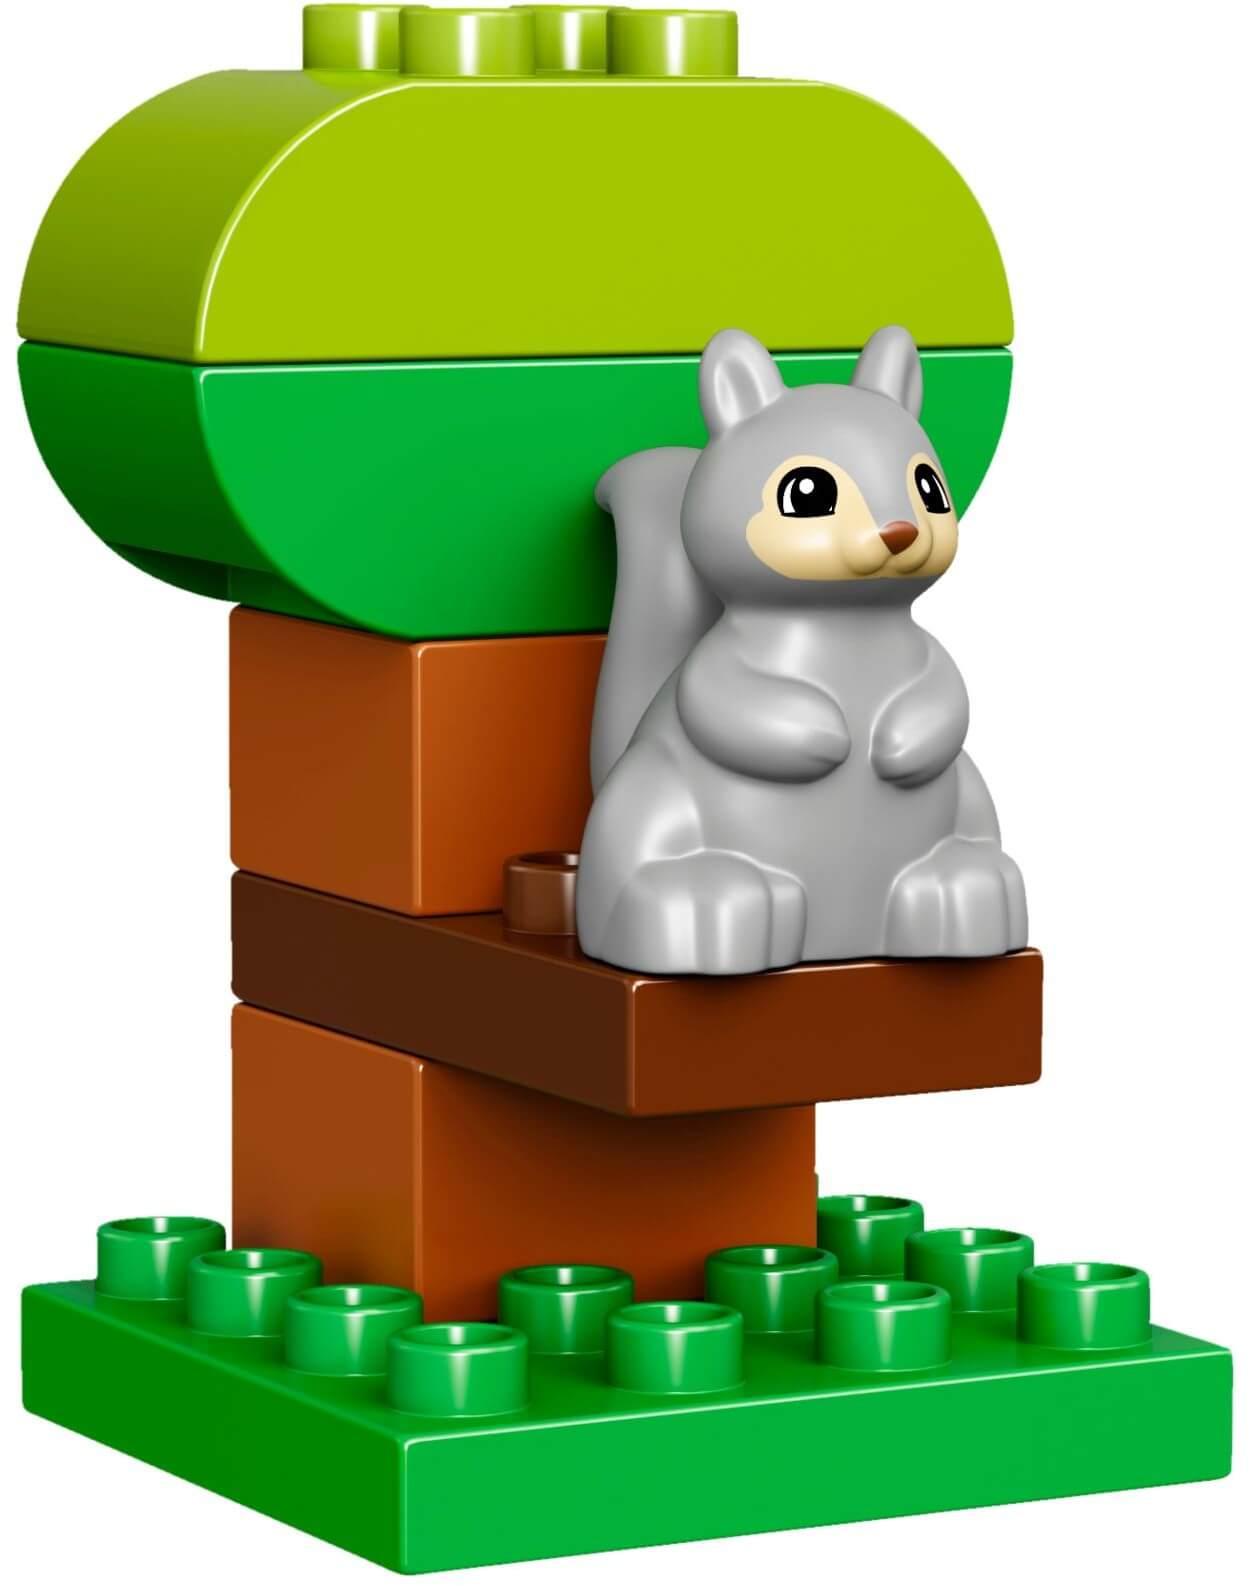 Mua đồ chơi LEGO 10832 - LEGO DUPLO 10832 - Bữa Tiệc Sinh Nhật của Bé (LEGO 10832 Birthday Picnic)